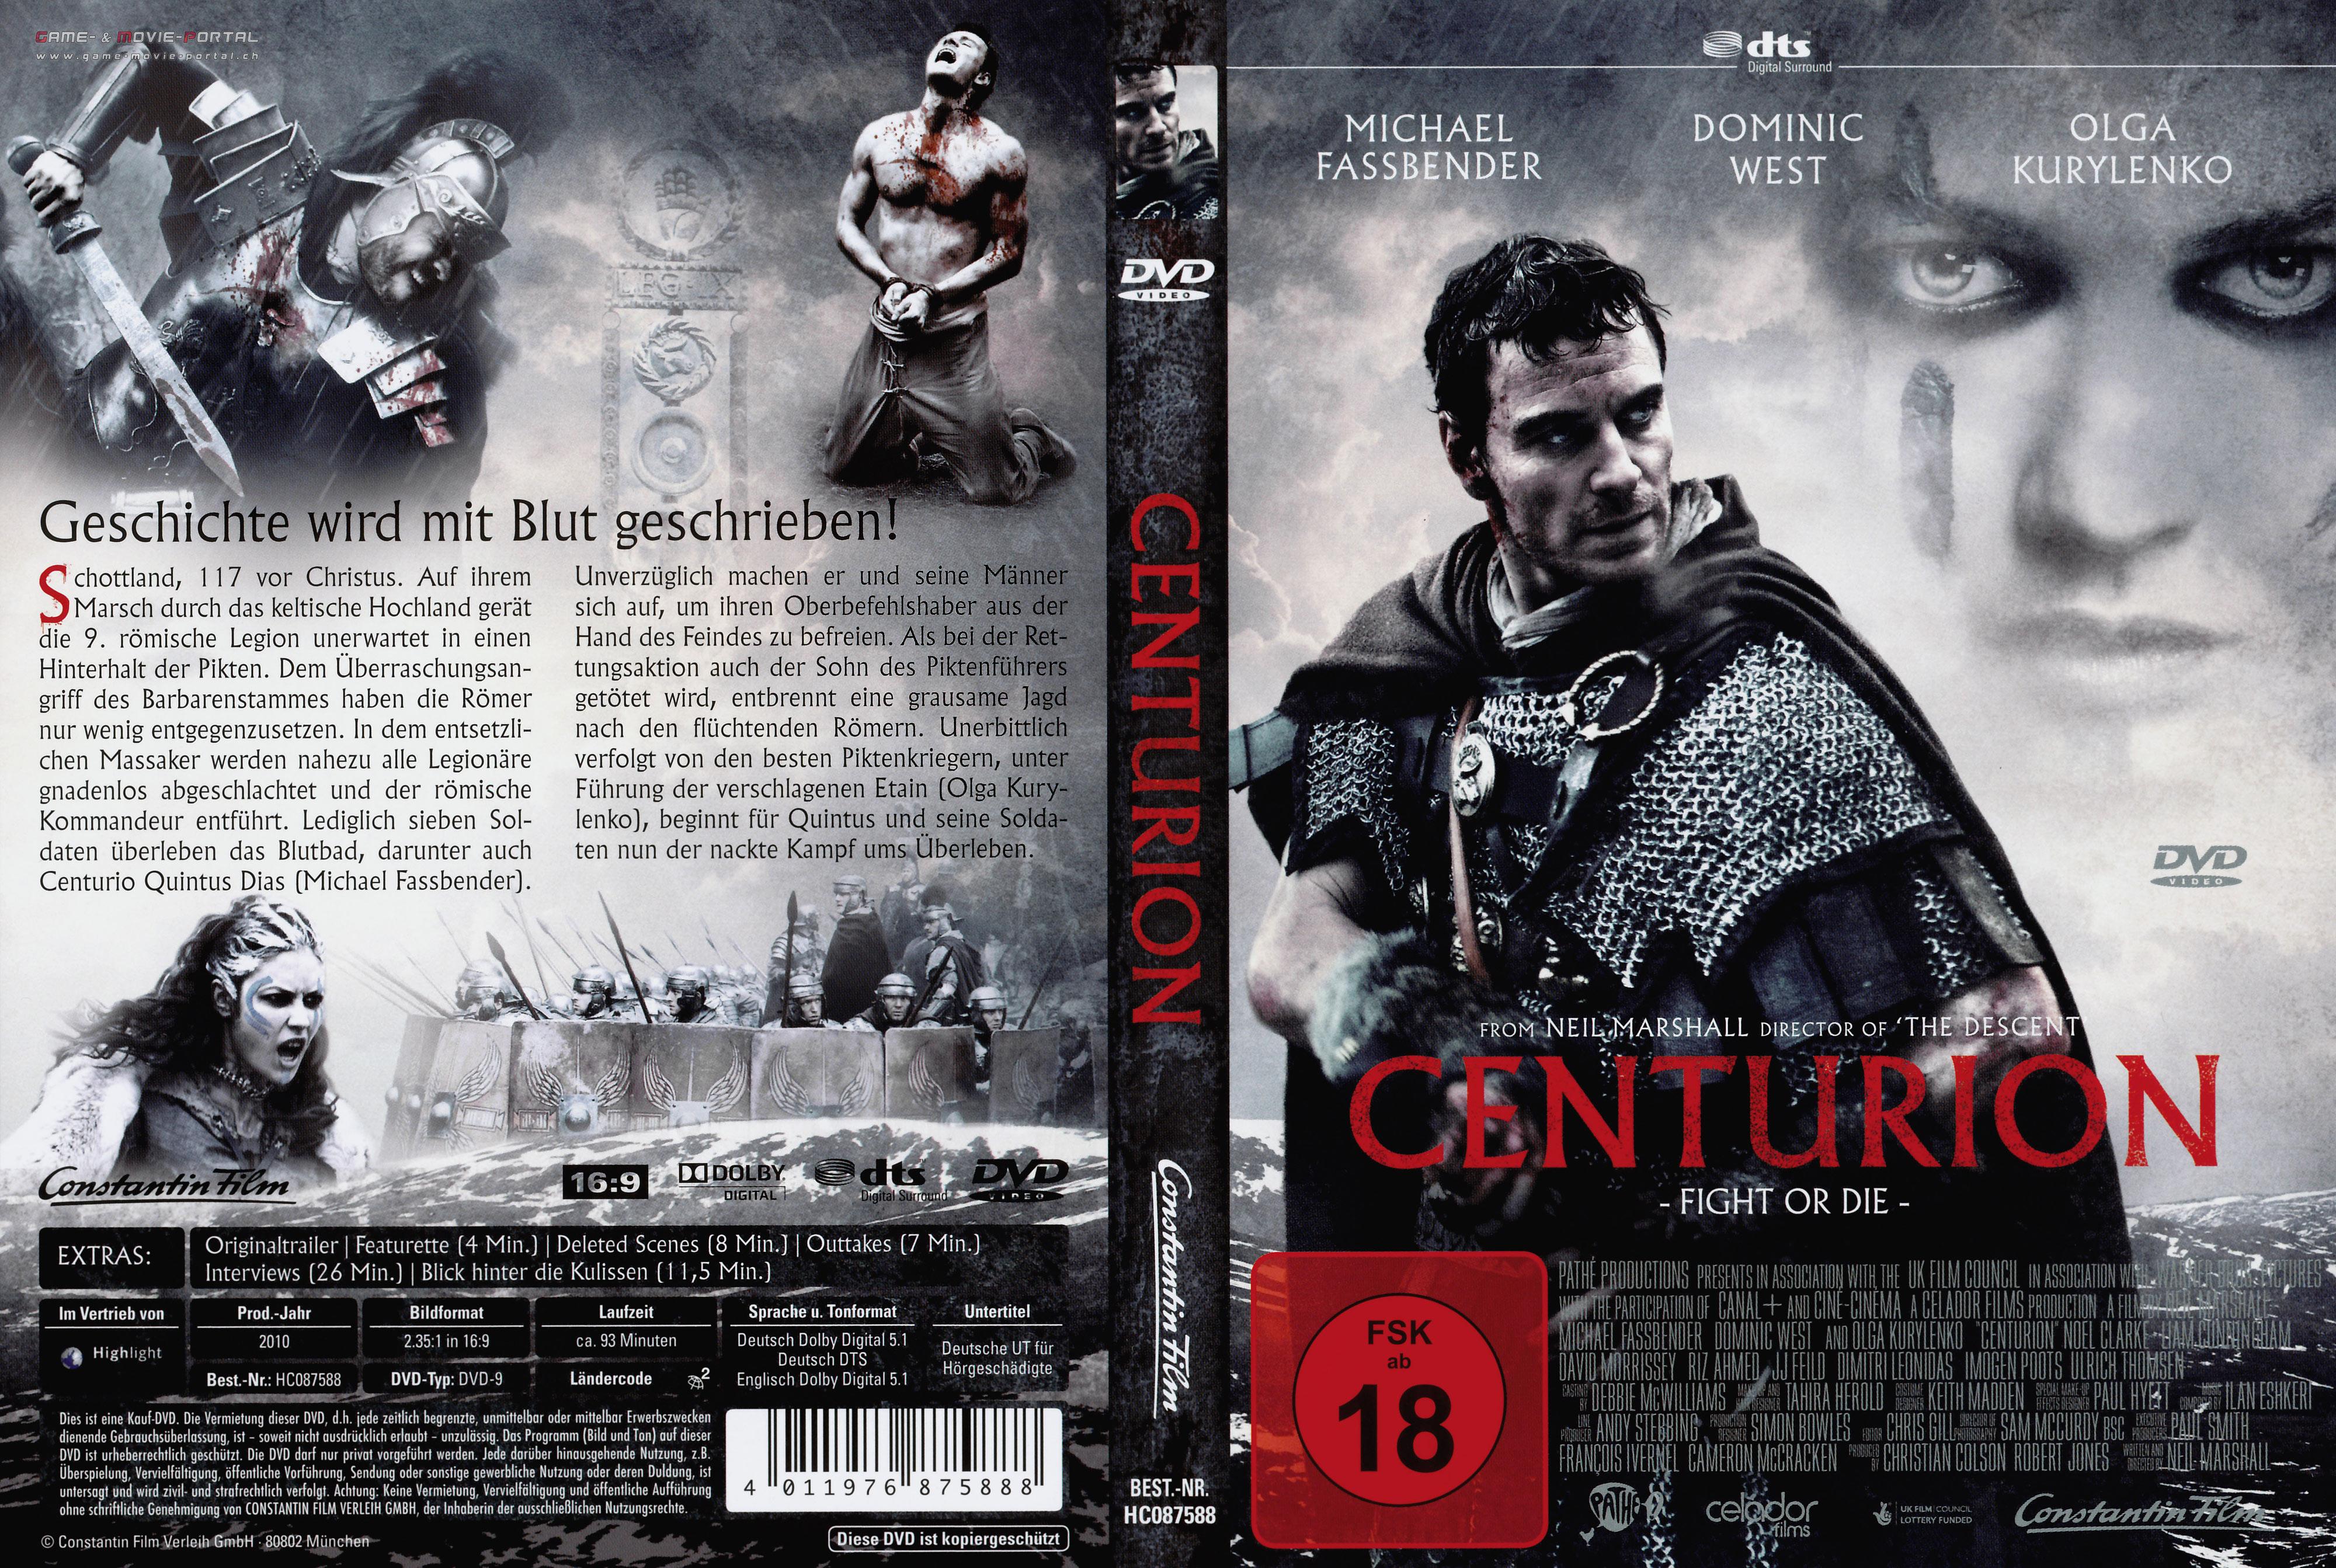 Dvd Cover Kostenlos Runterladen